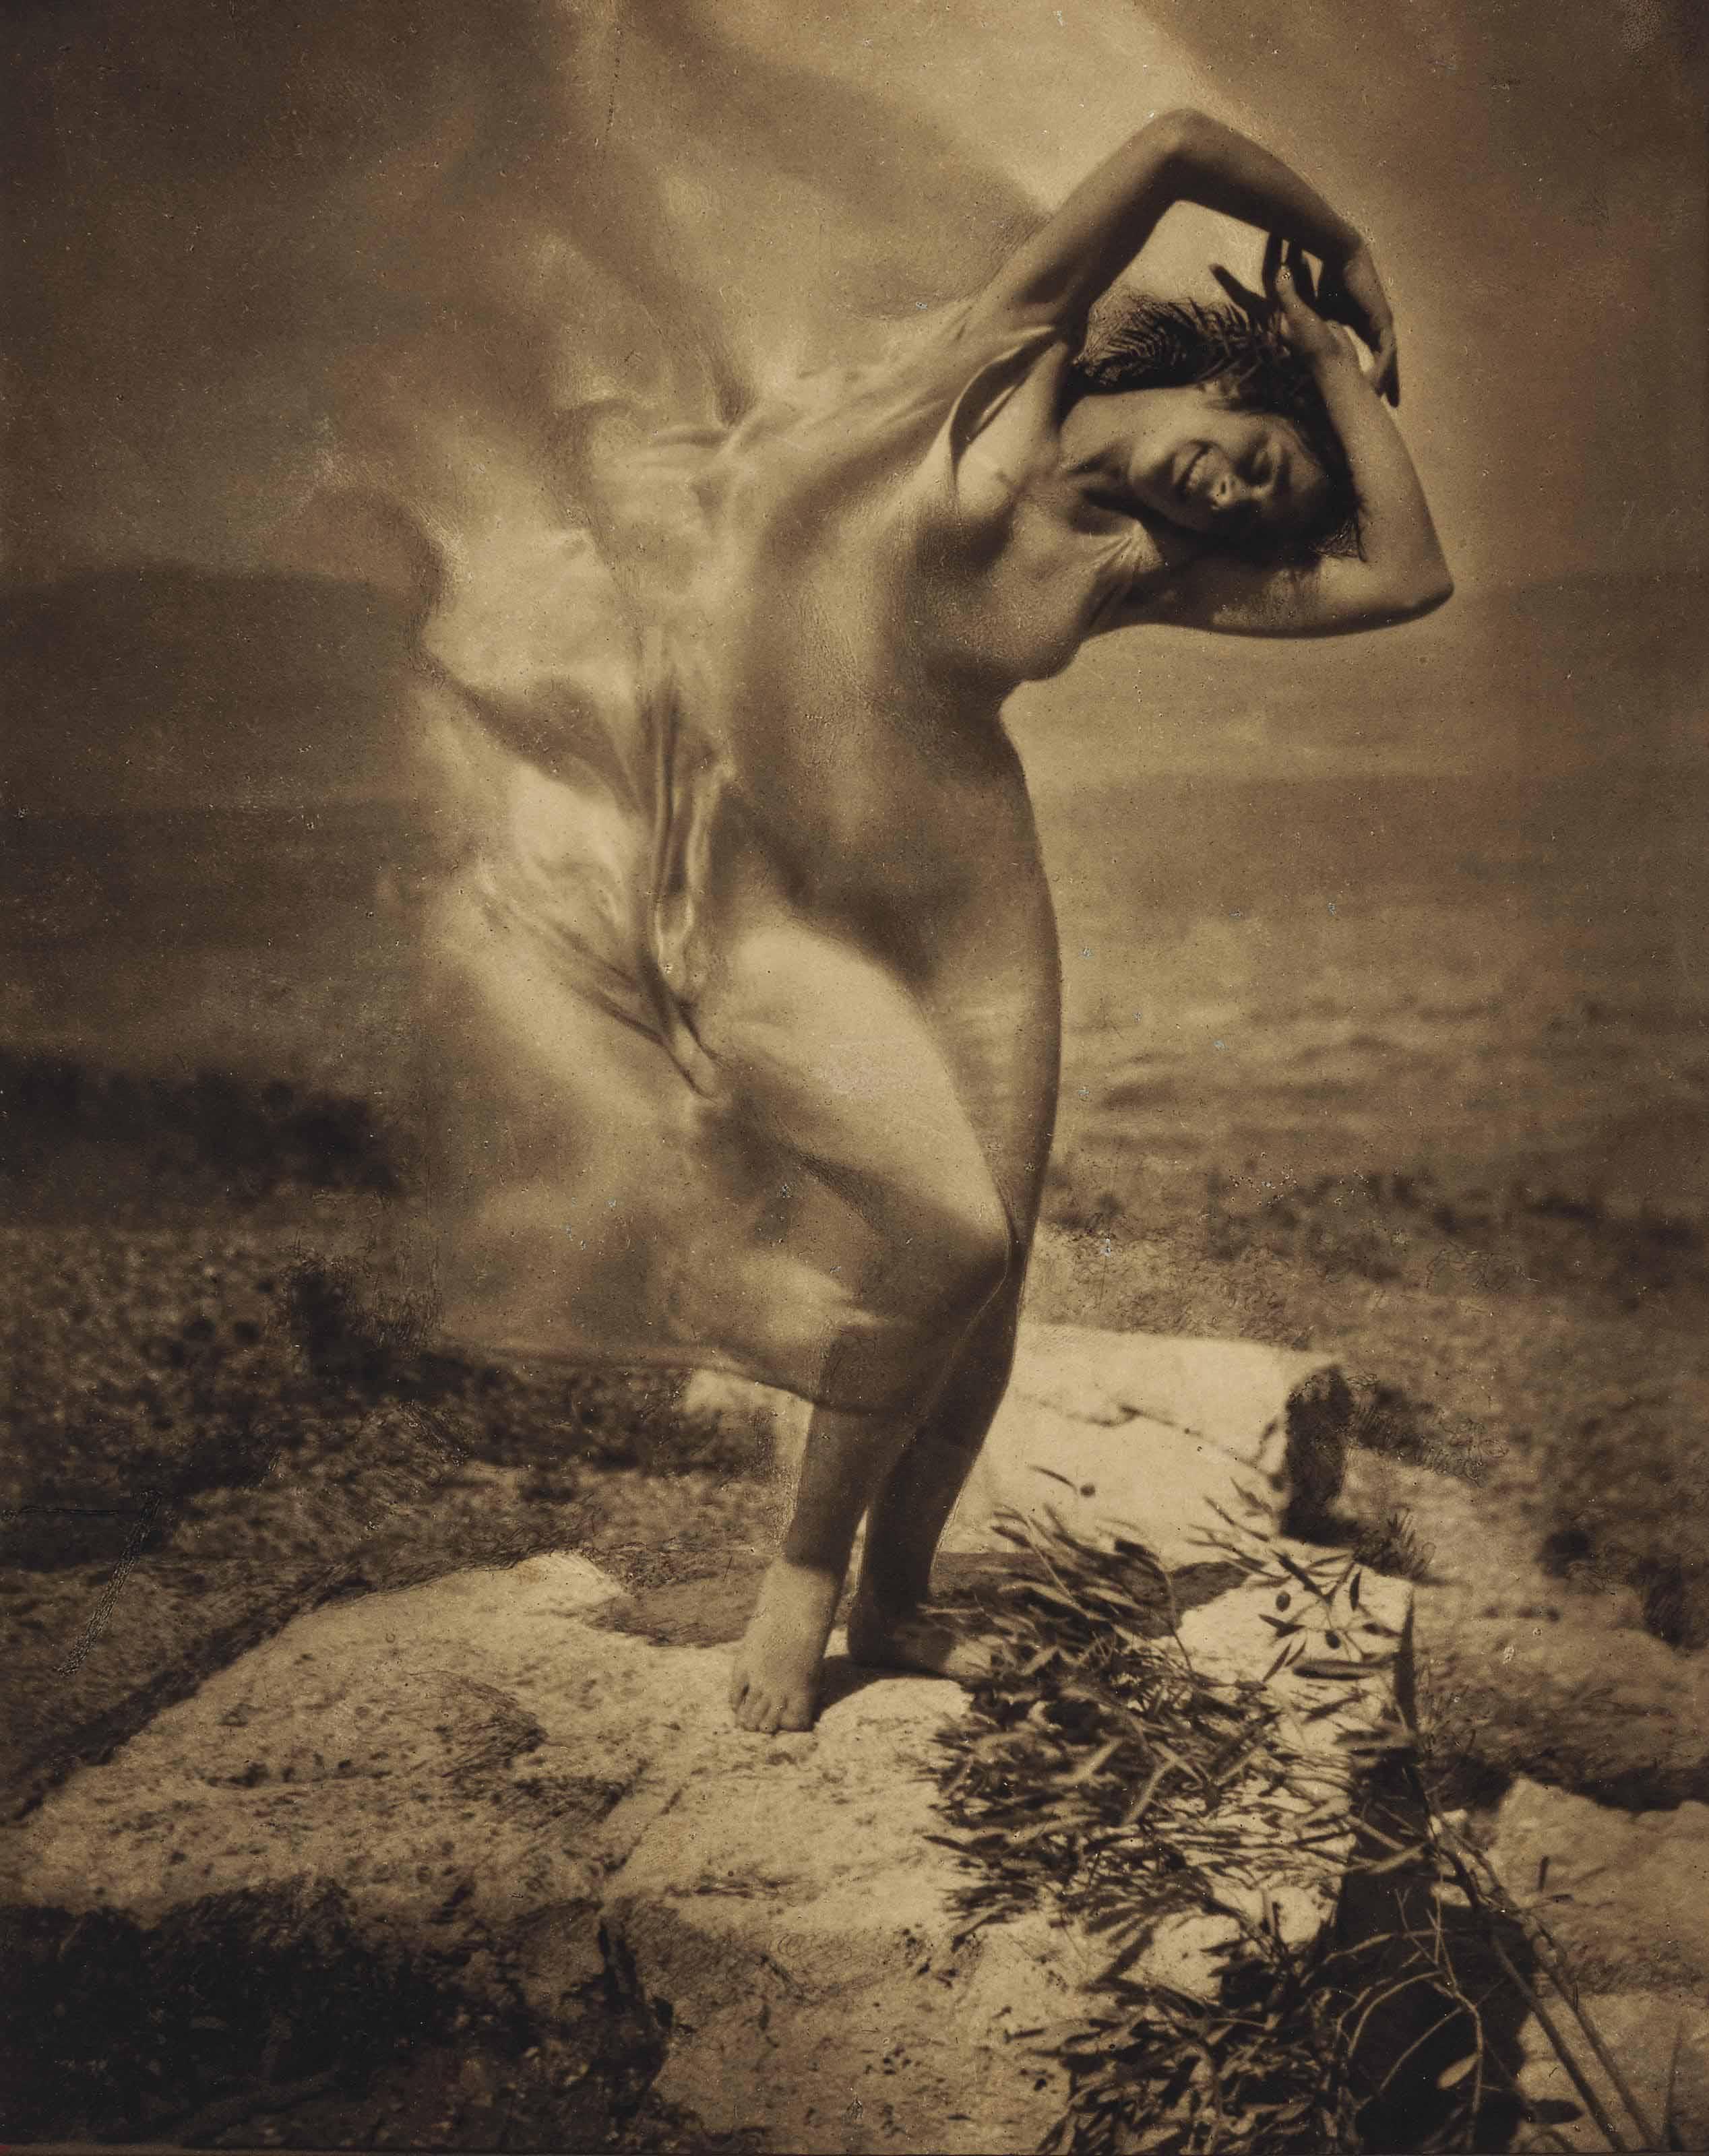 Wind Fire - Thérèse Duncan on the Acropolis, 1921